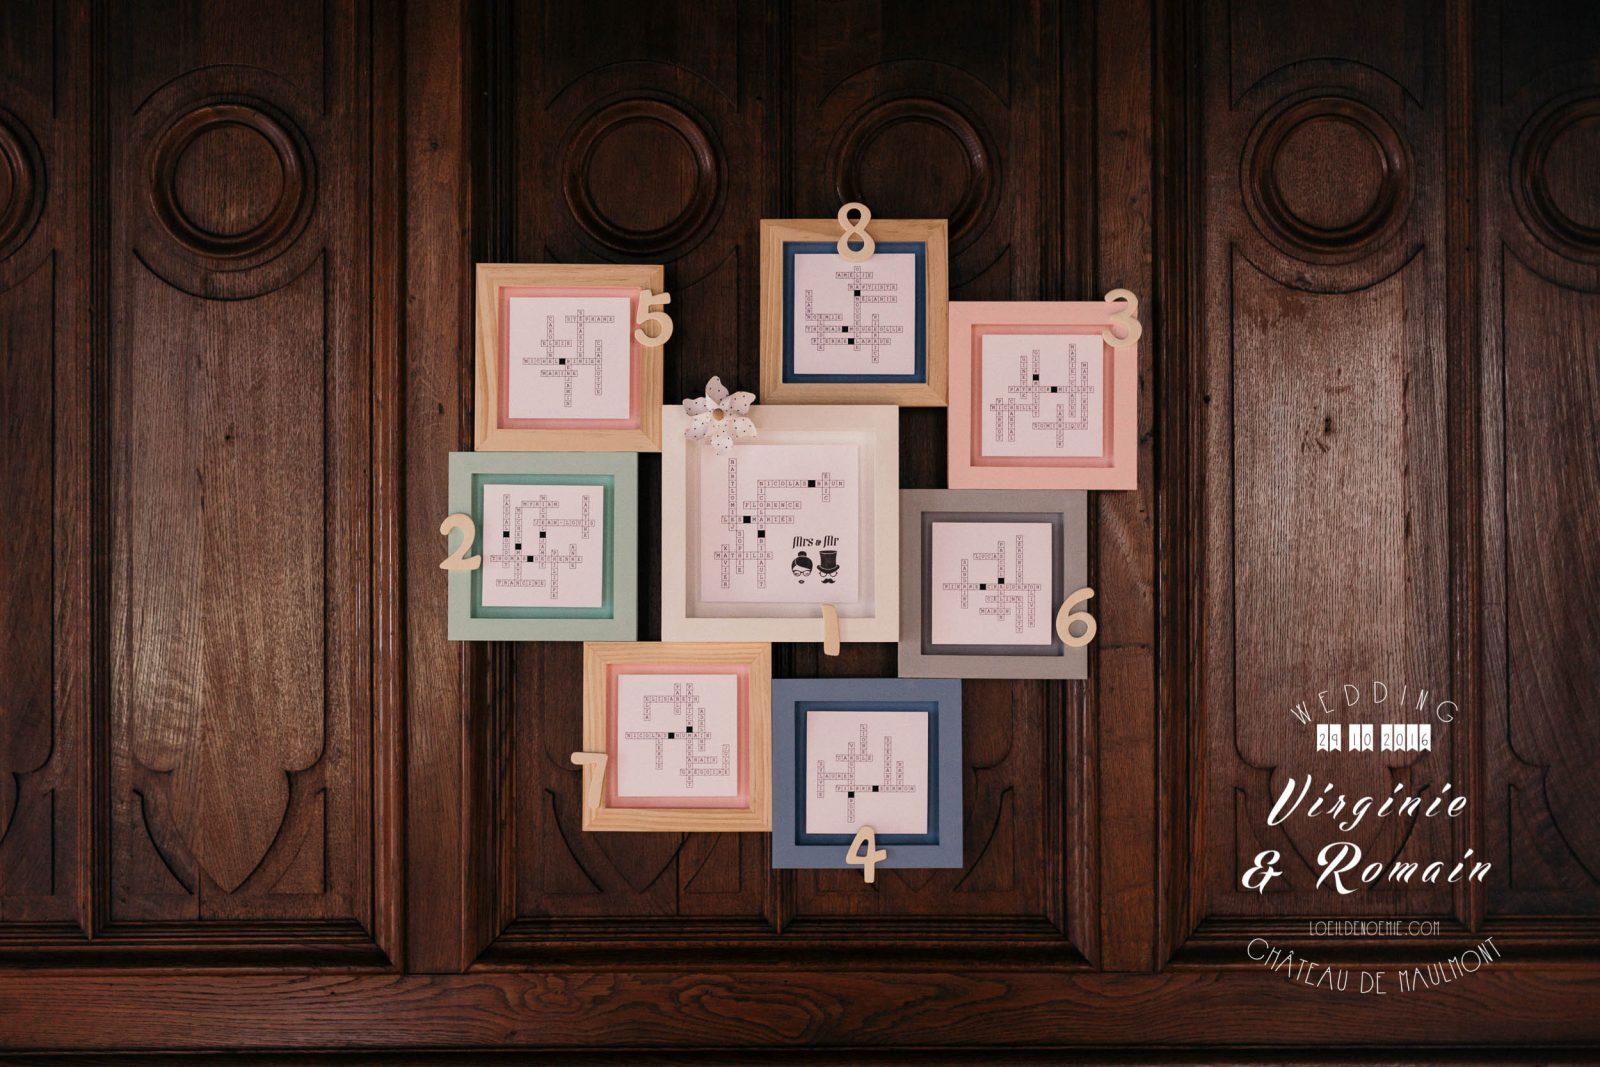 idée décoration mariage, oui je le veux, château de Maulmont, allier, par L'oeil de Noémie photographe mariage à Vichy en Auvergne